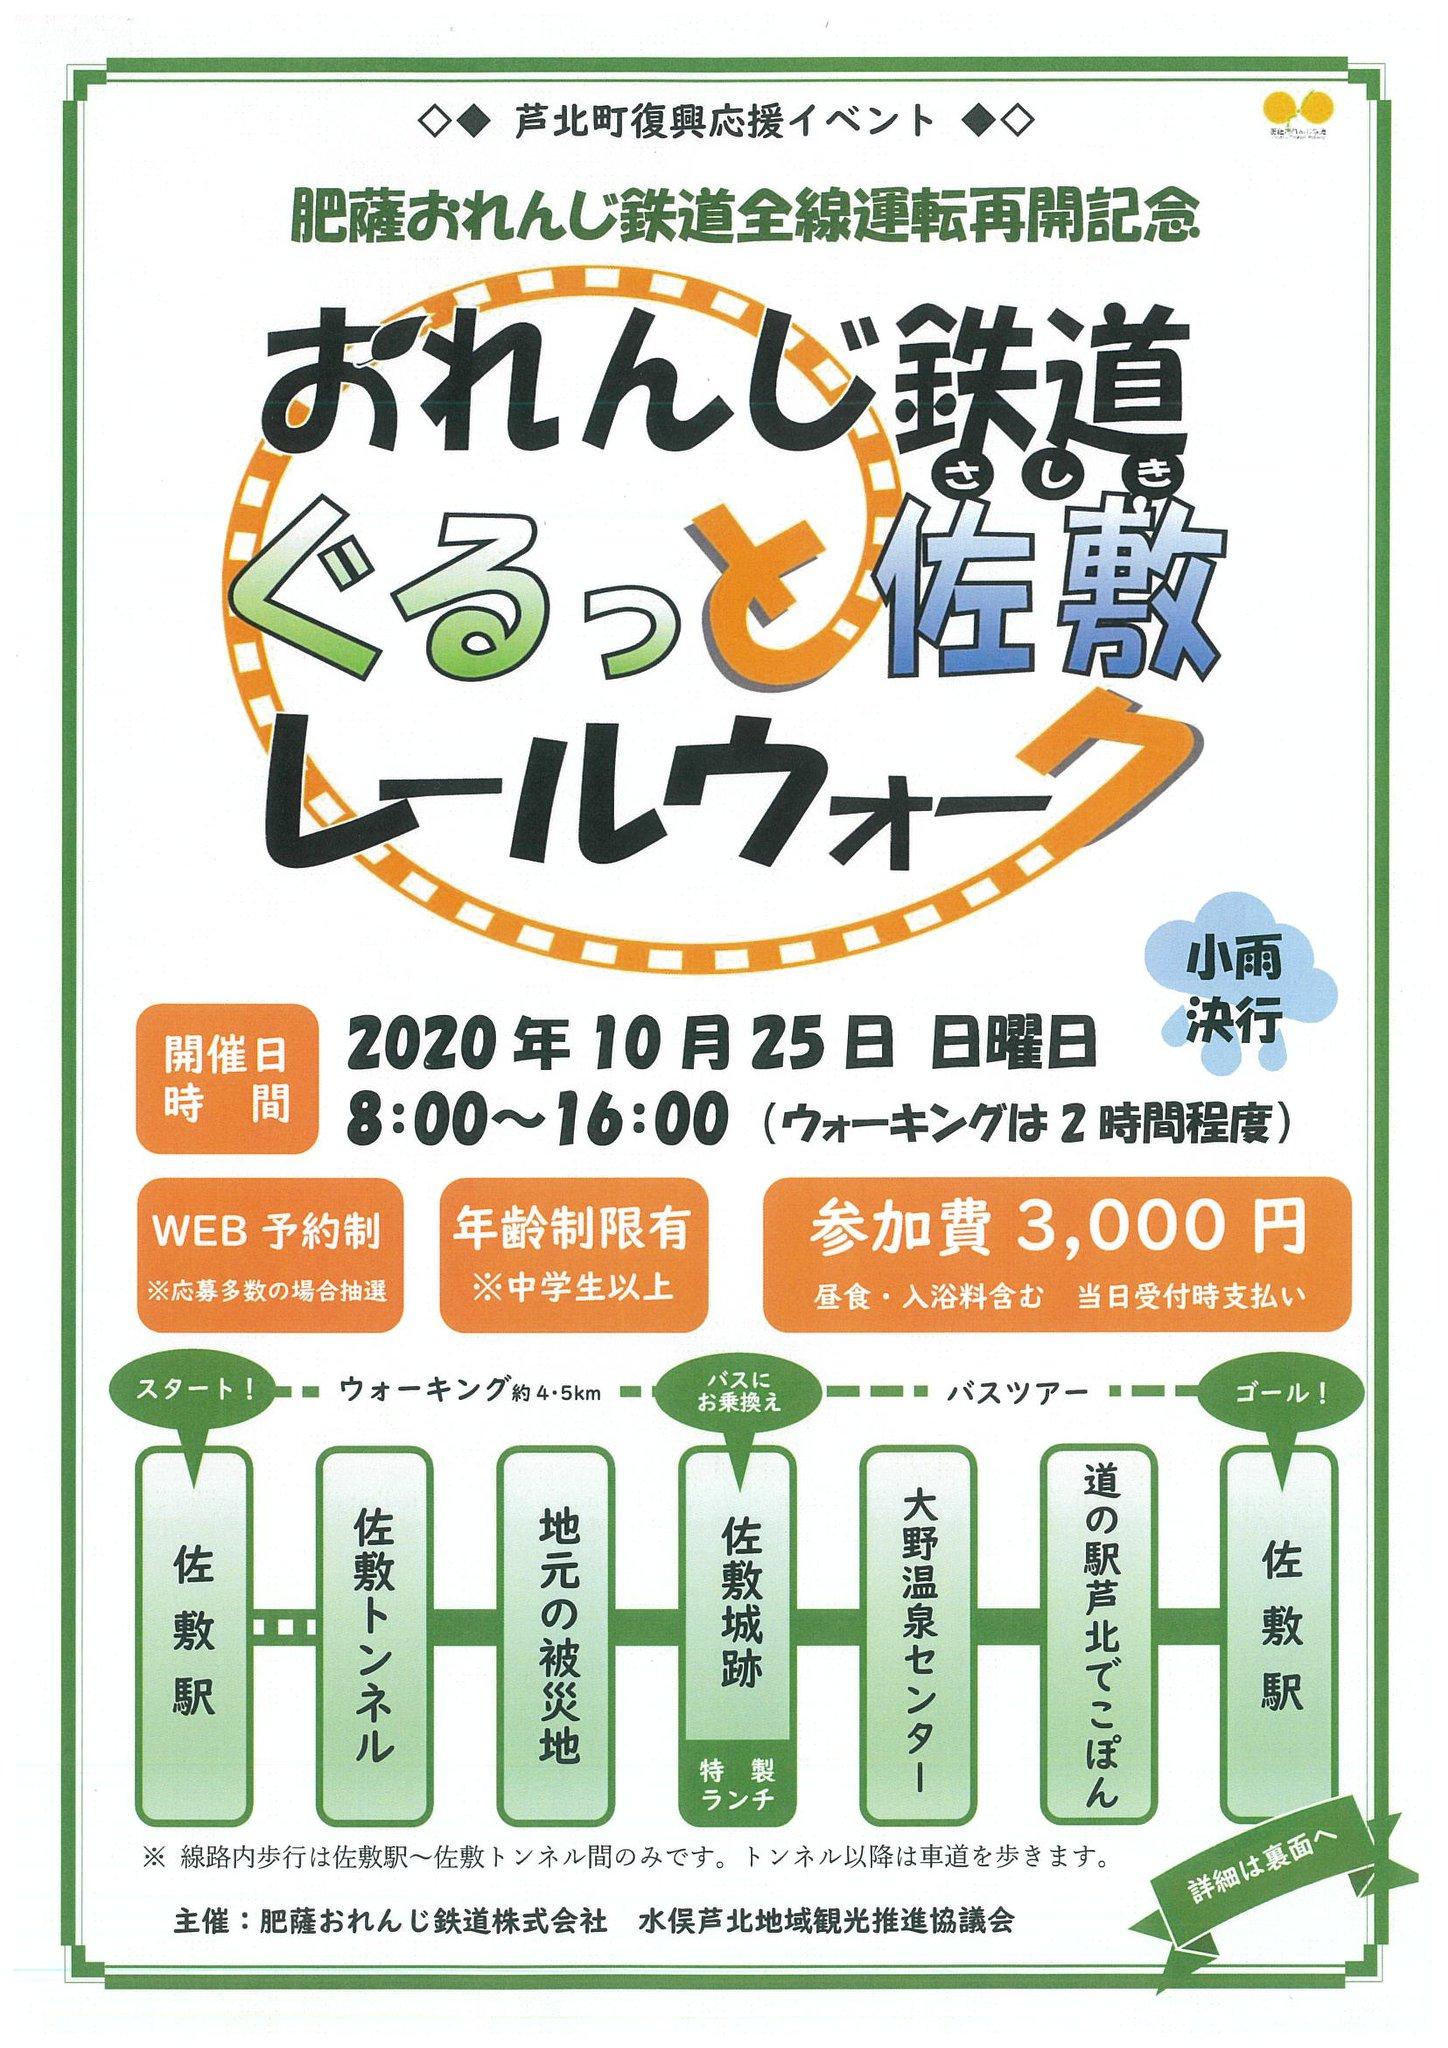 肥薩おれんじ鉄道 11月1日 全線で運転再開